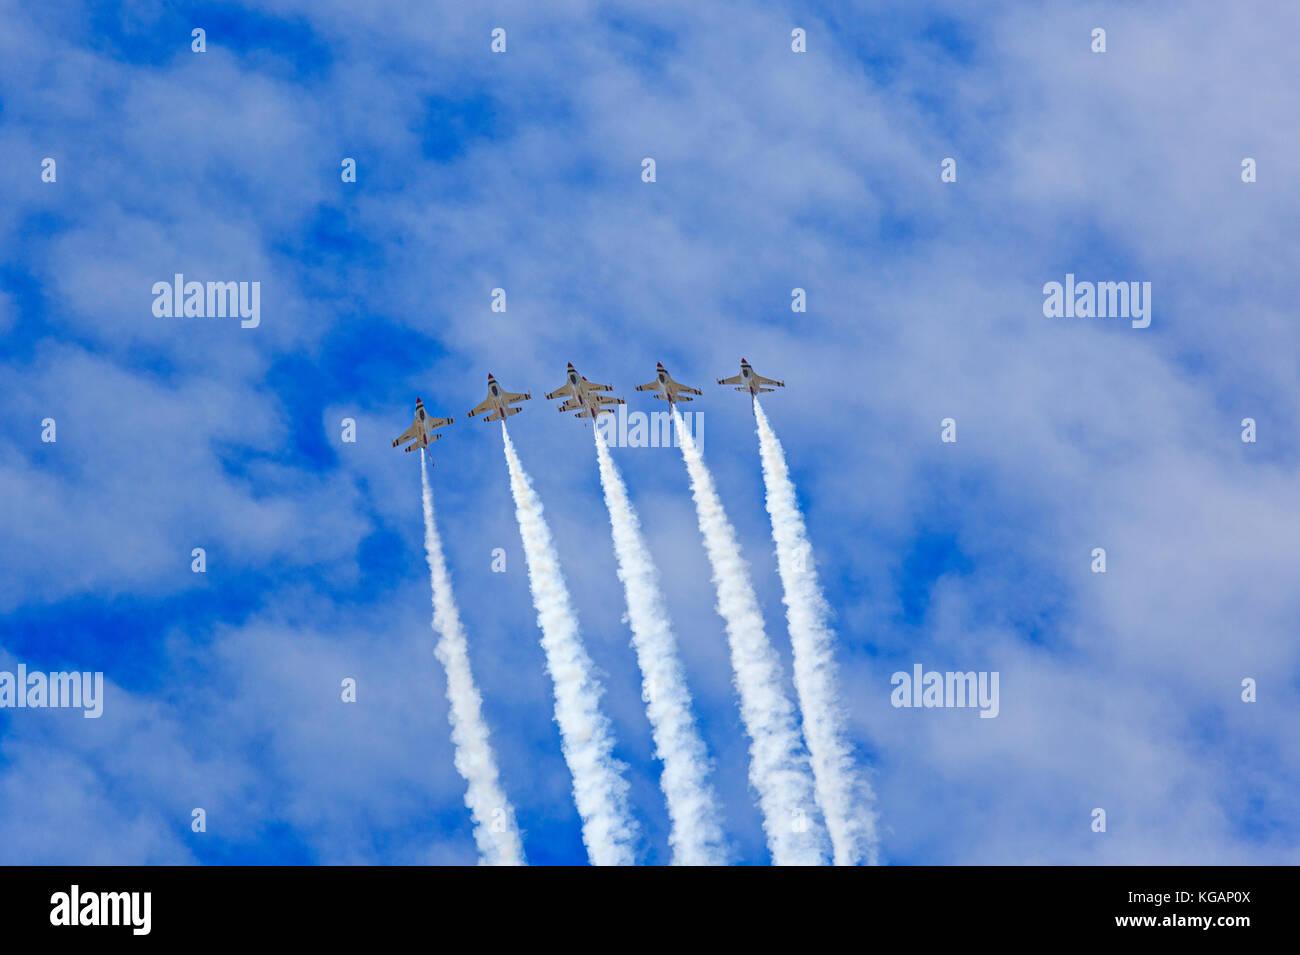 Les six de l'US Air Force Thunderbirds effectuer leur voltige de précision pendant les 'Warriors sur les monts Wasatch' Air Show at Hill AFB, Utah, USA. Banque D'Images